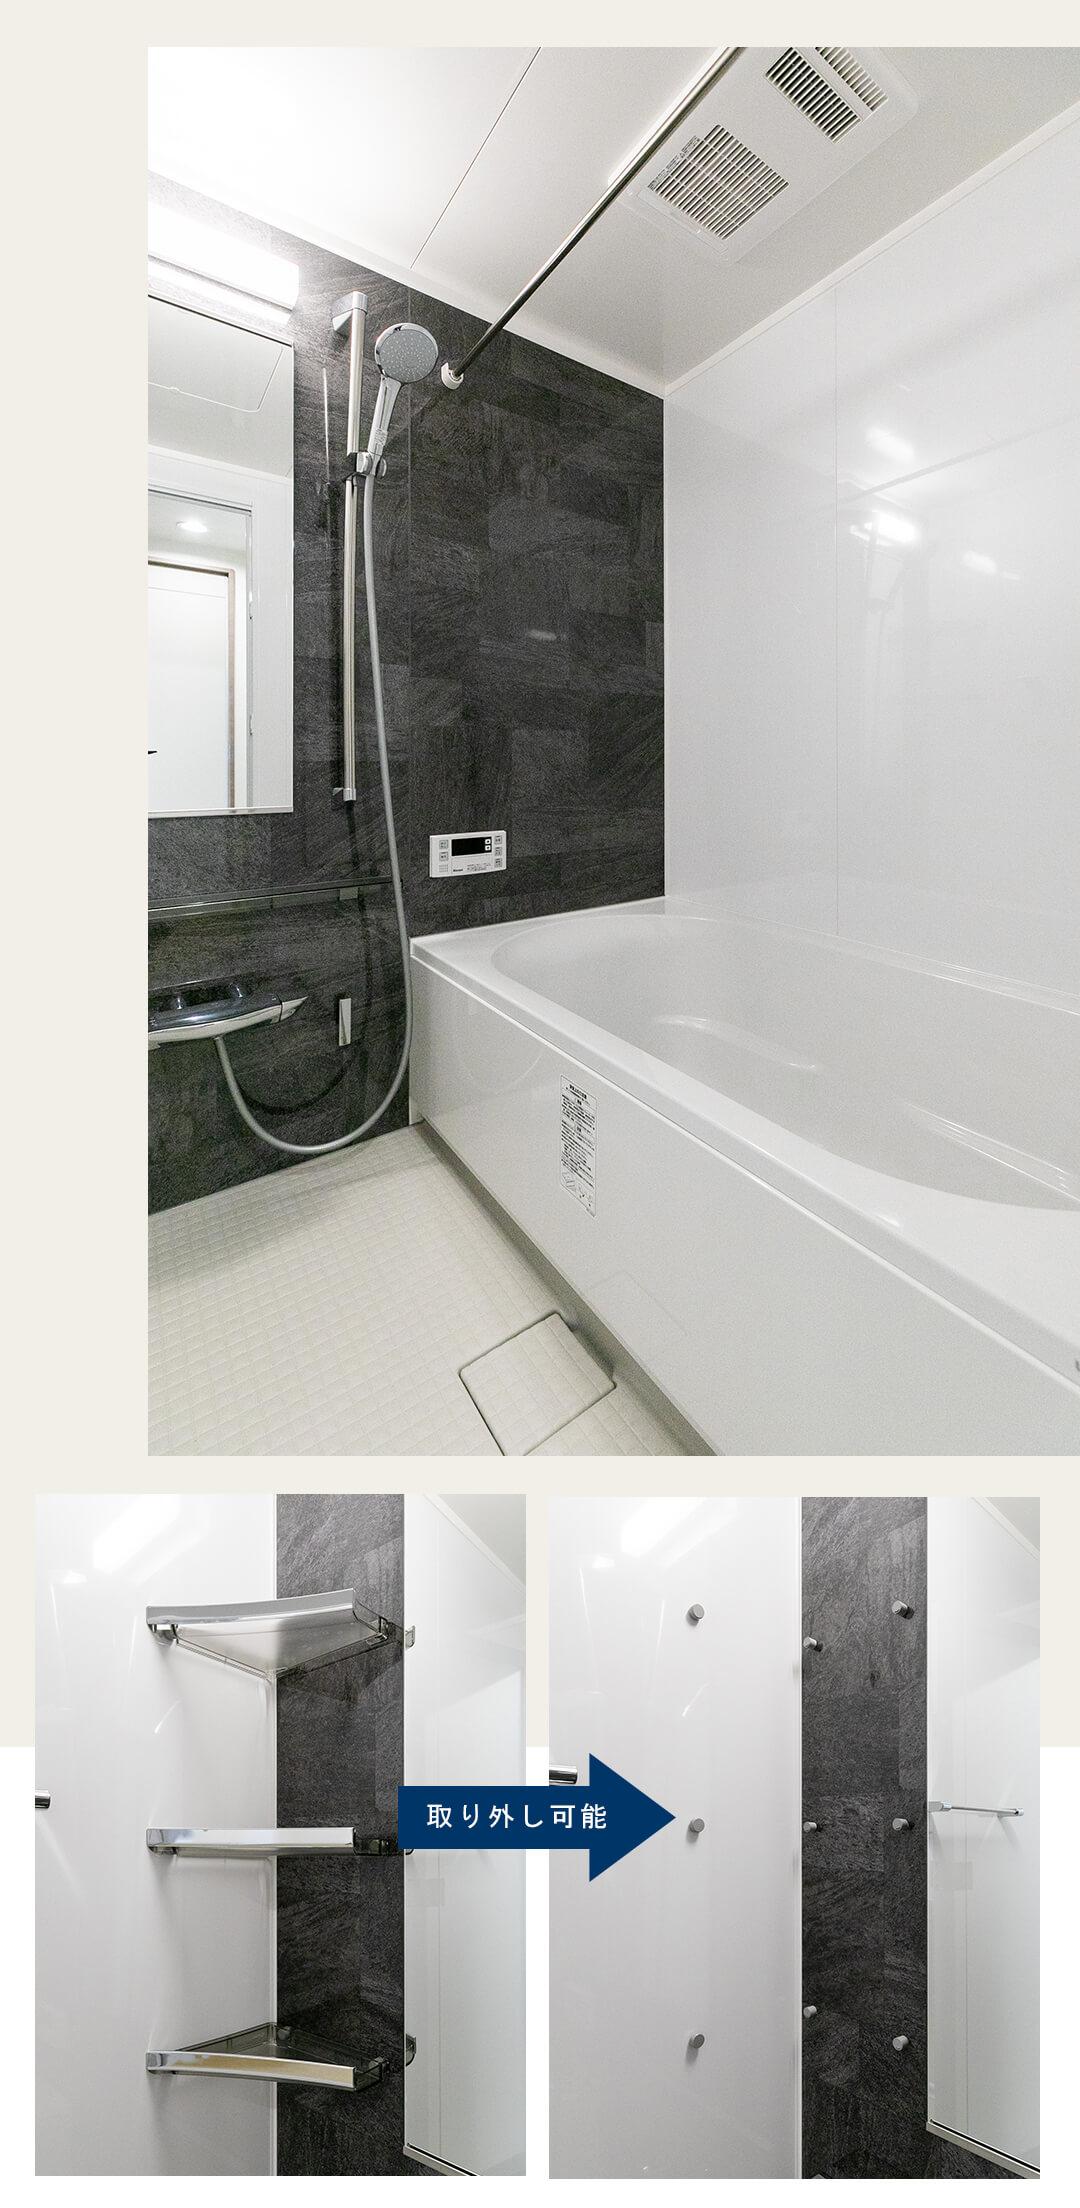 ライオンズマンション新宿柏木 404の浴室